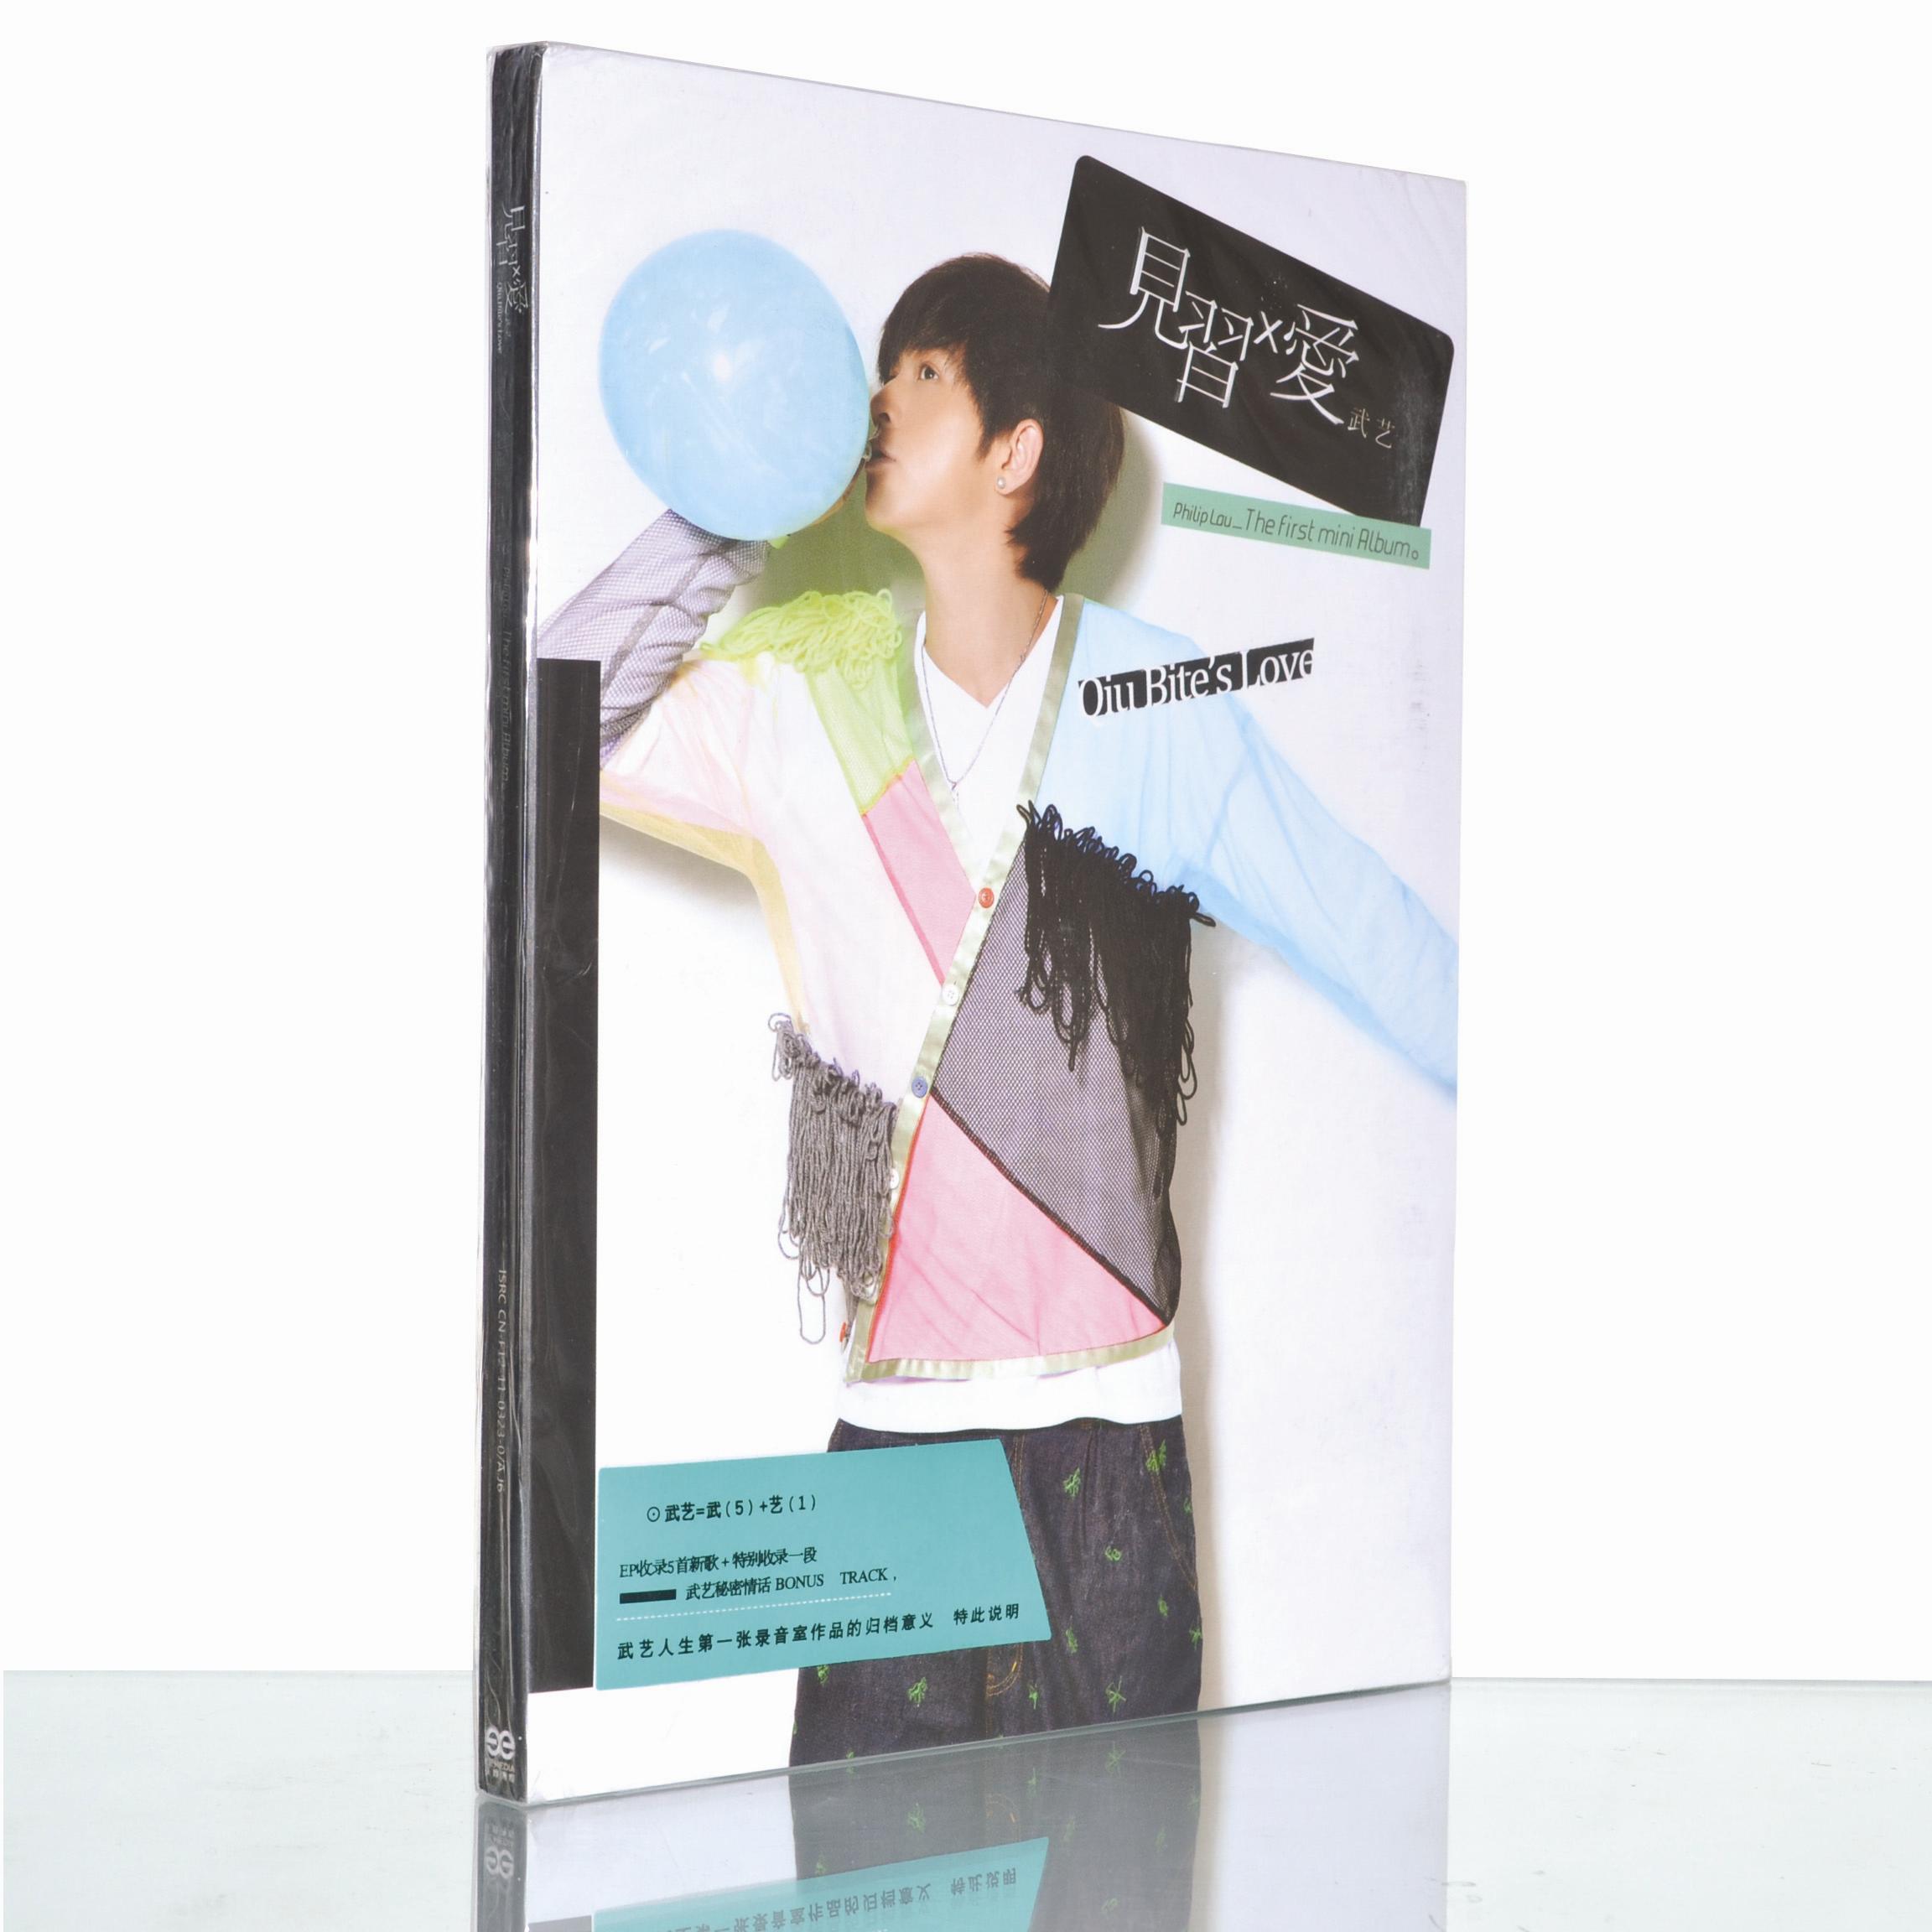 【签名版】正版武艺ep 武艺见习爱专辑CD+歌词本+海报 库存 碟片